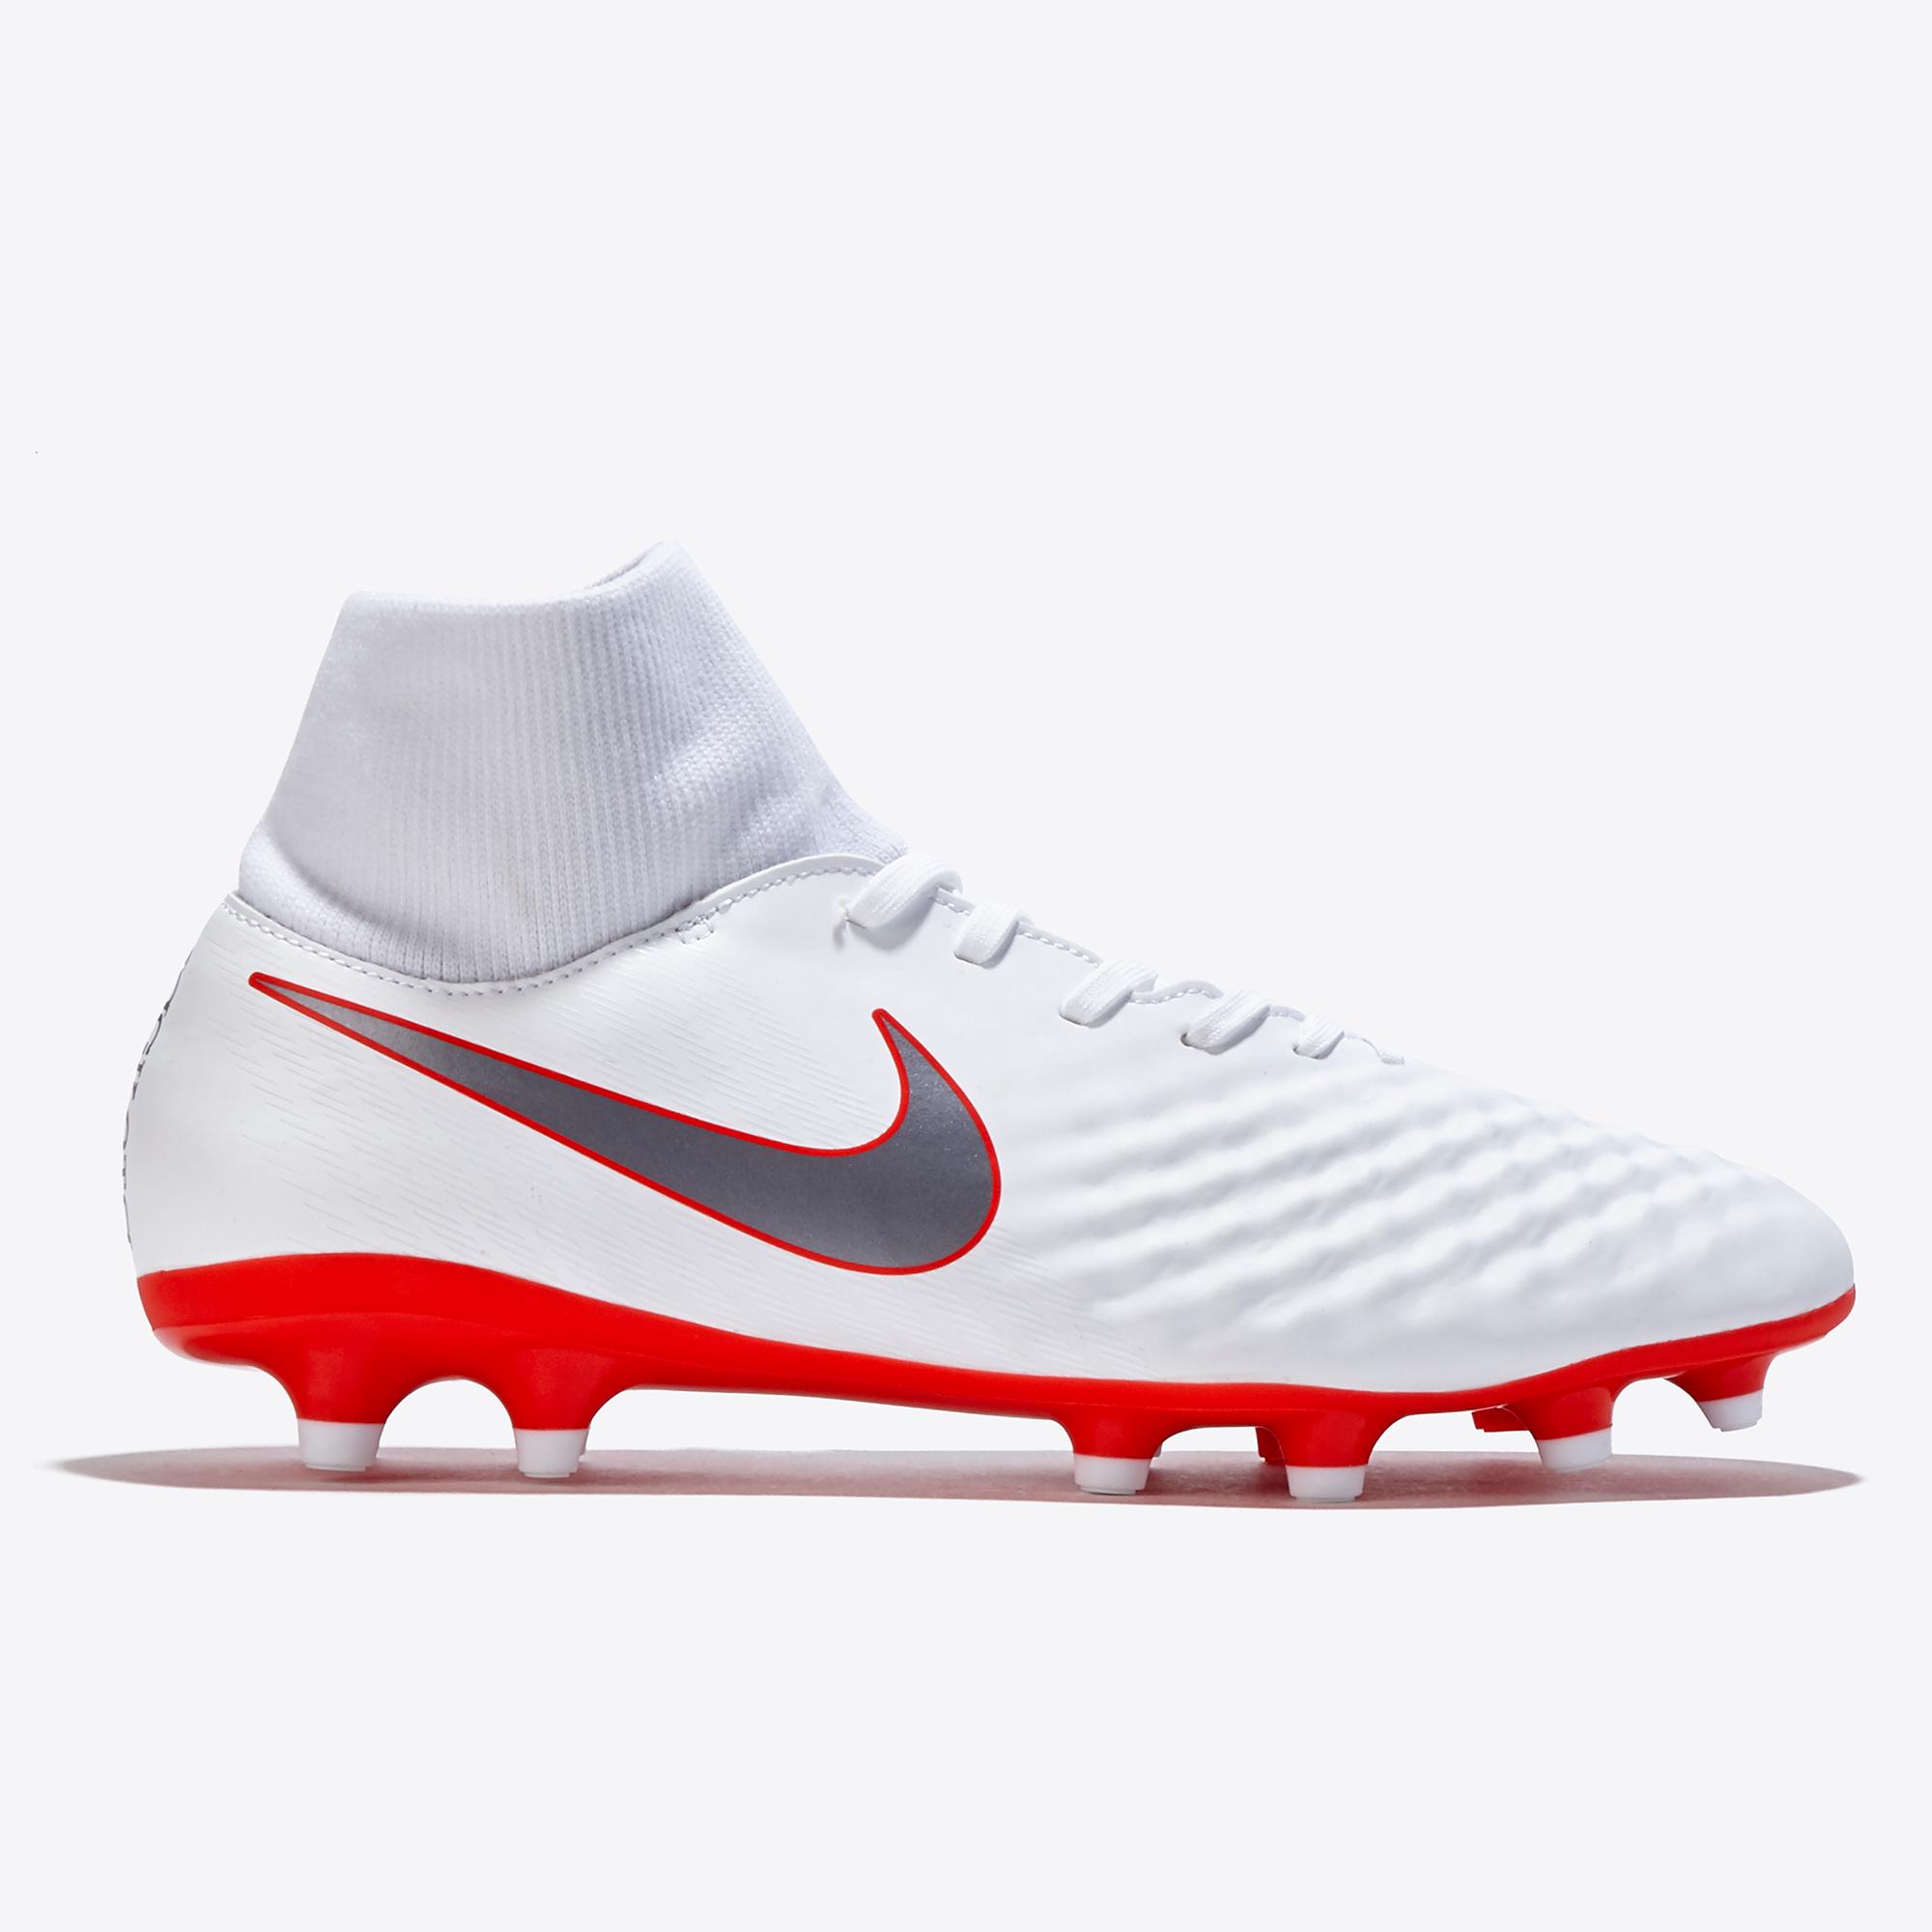 Chaussure de football pour terrain sec Nike Magista Obra2 Academy Dynamic Fit (FG) pour Homme